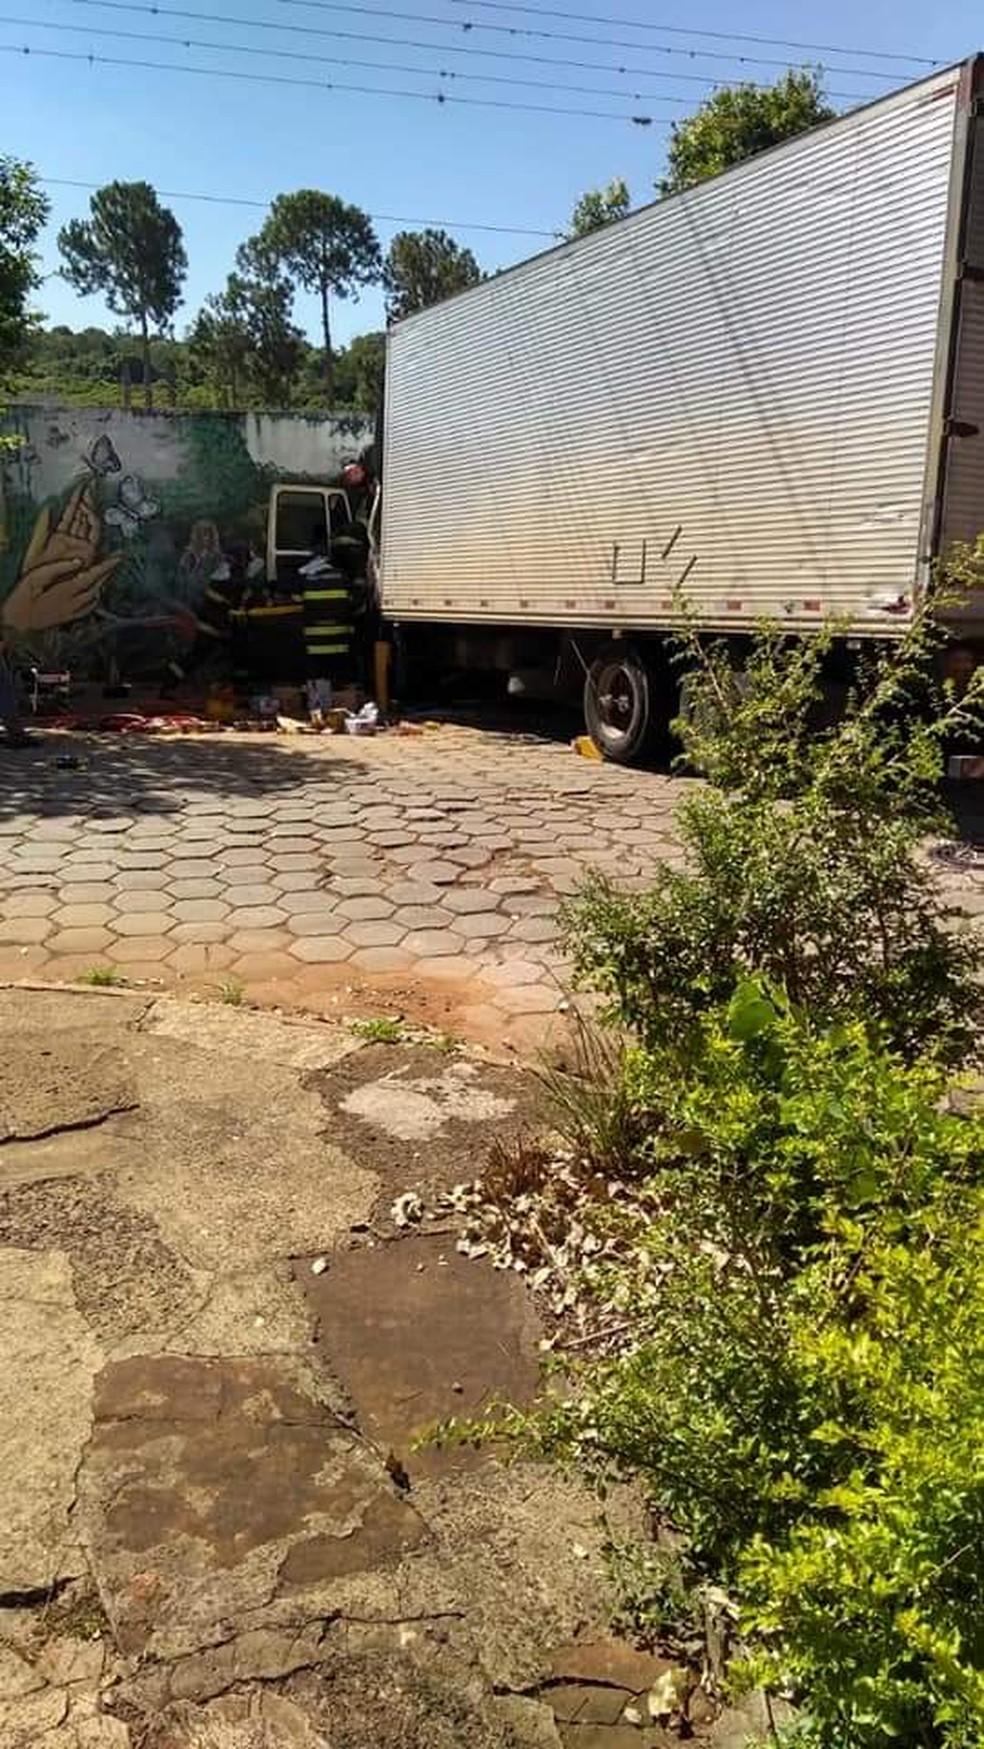 Caminhão com placa de Guarulhos bateu contra muro em Piraju (SP) — Foto: Divulgação/Minuto do Amorim